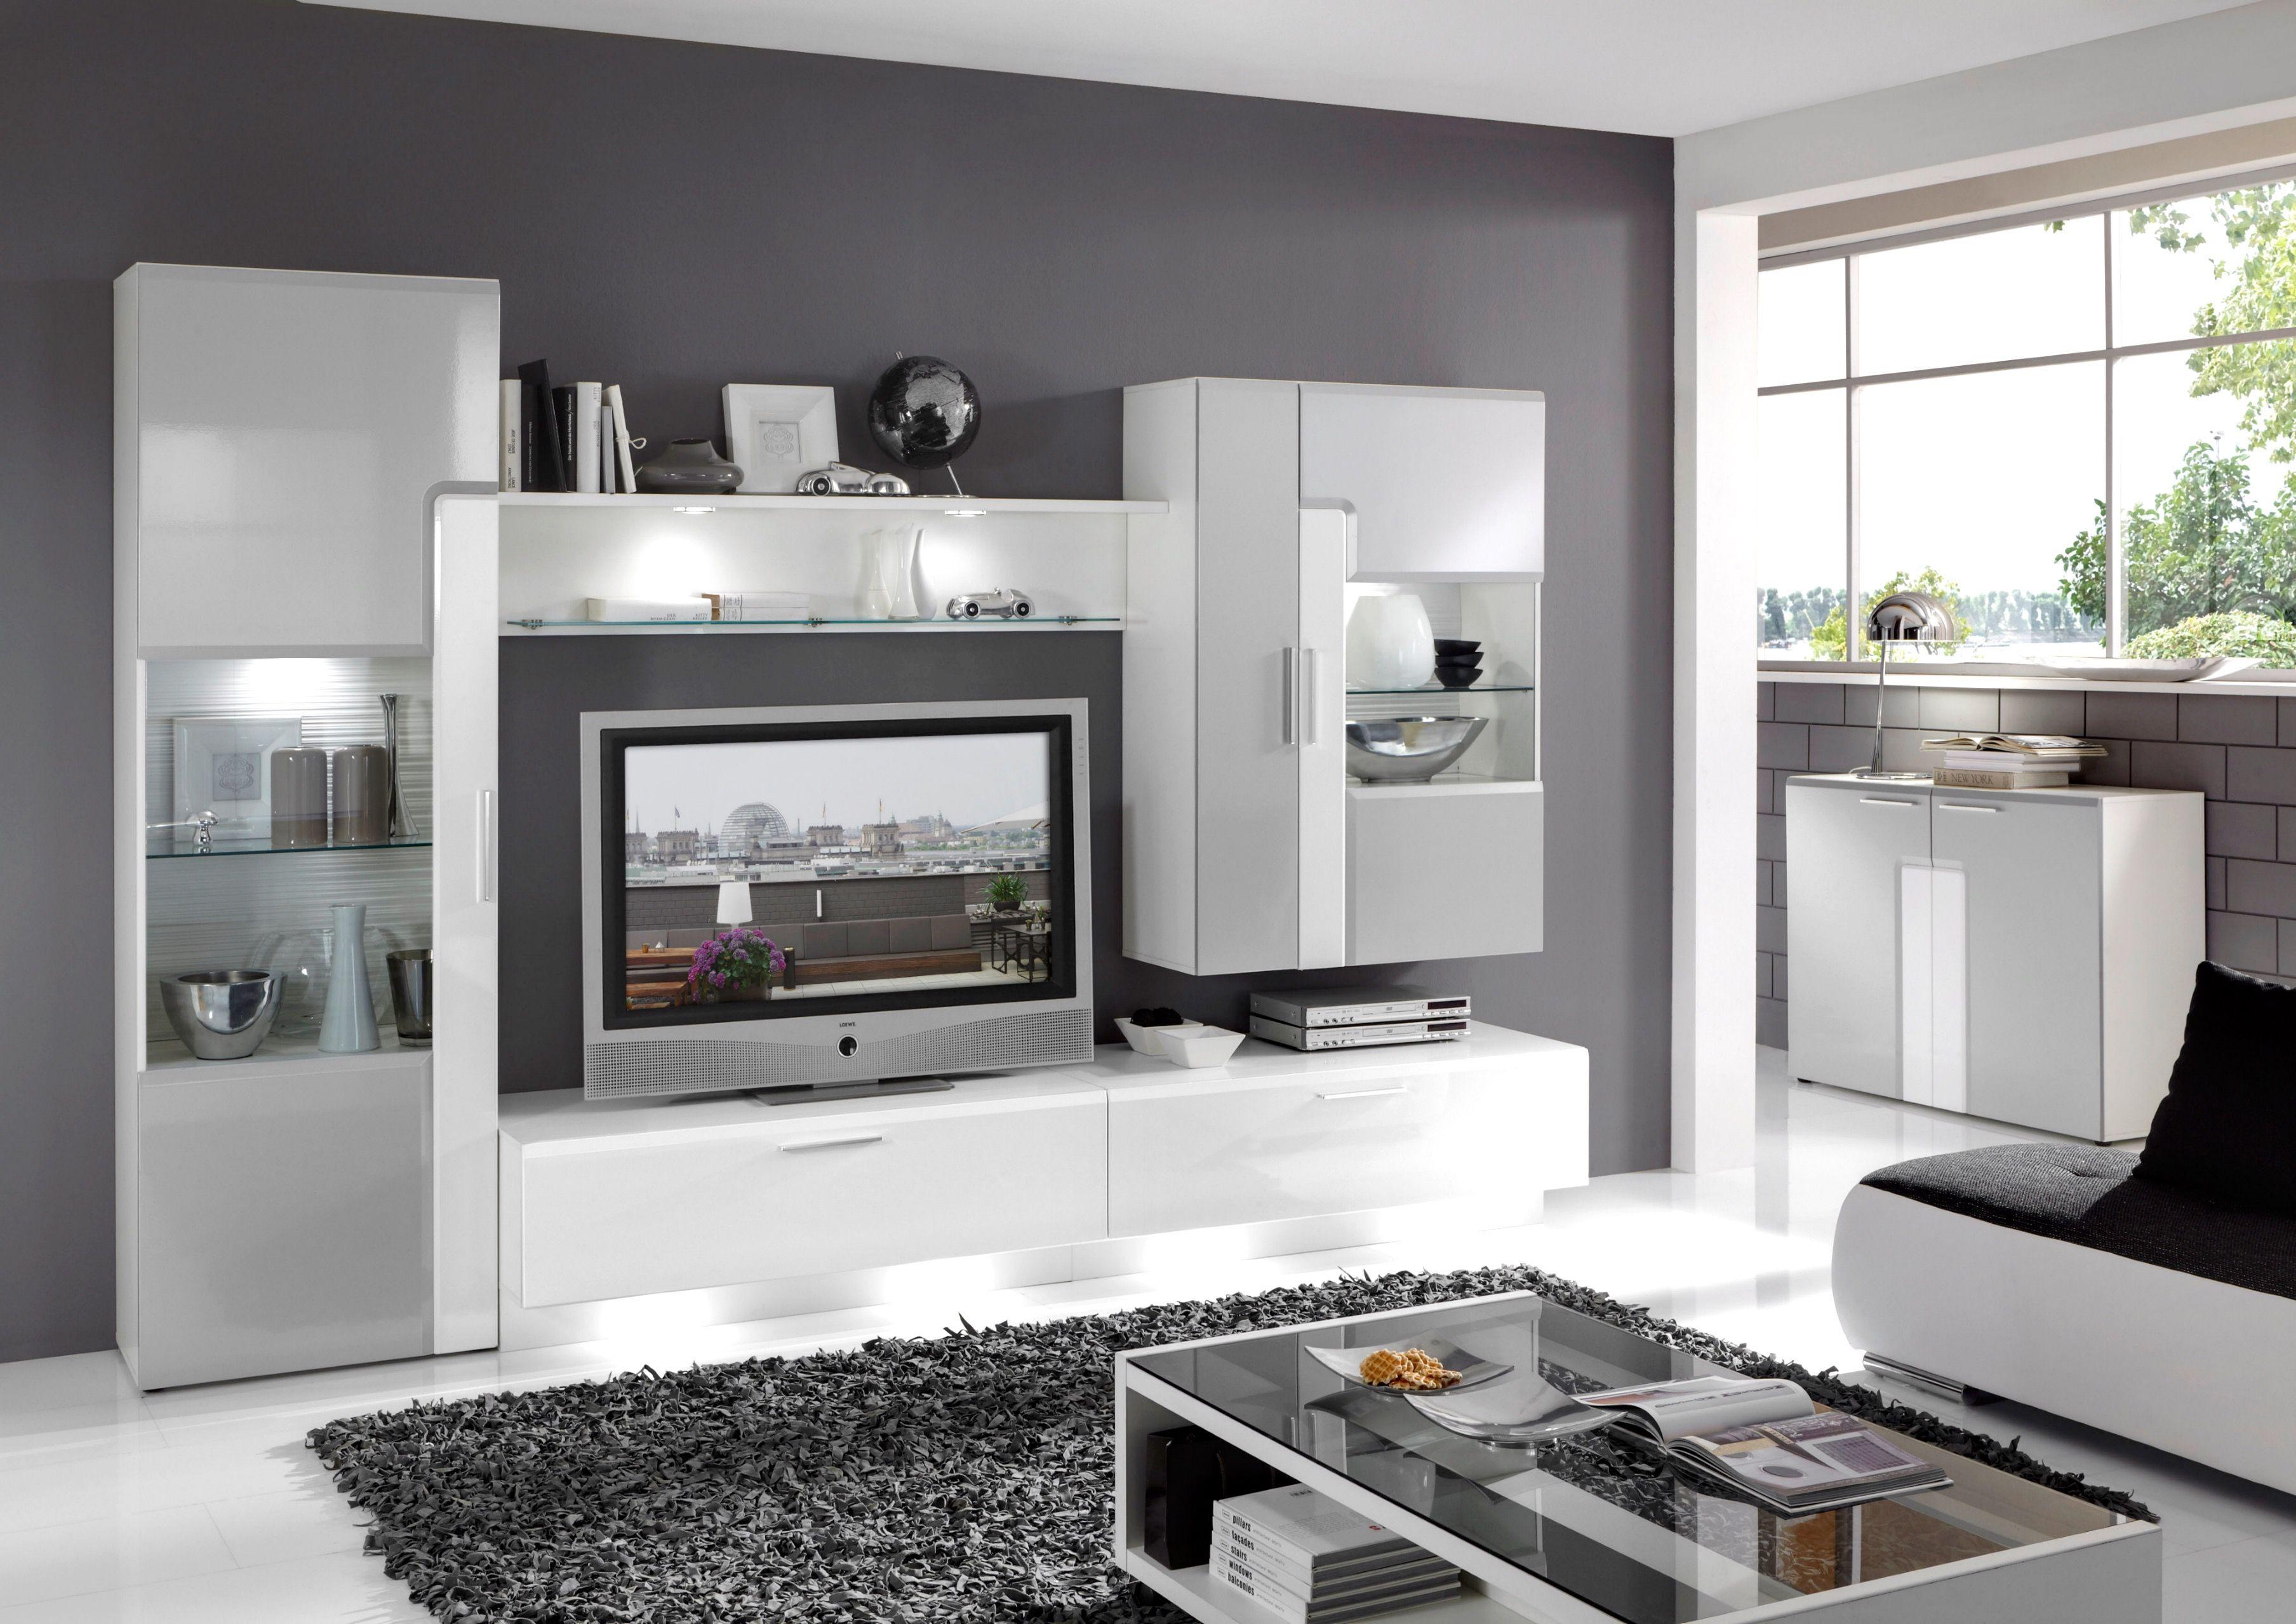 wohnzimmer ideen weiß grau #paintinglivingrooms | wohnzimmer